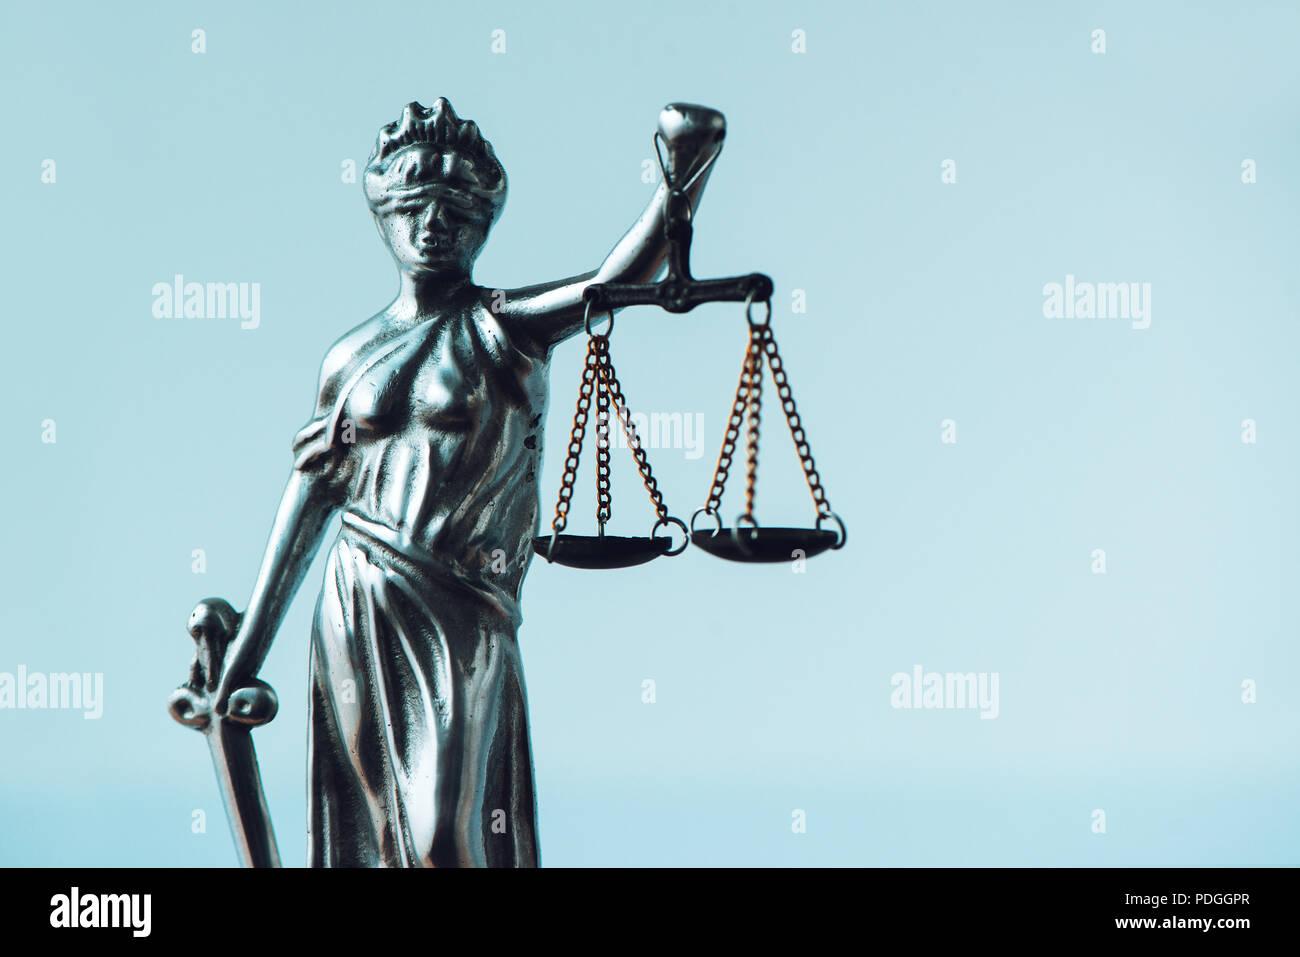 Lady Gerechtigkeit Statue in der Kanzlei. Figur mit verbundenen Augen, Waage und Schwert ist Personifizierung der moralische Kraft in der Justiz und seine Herkunft ist Stockbild